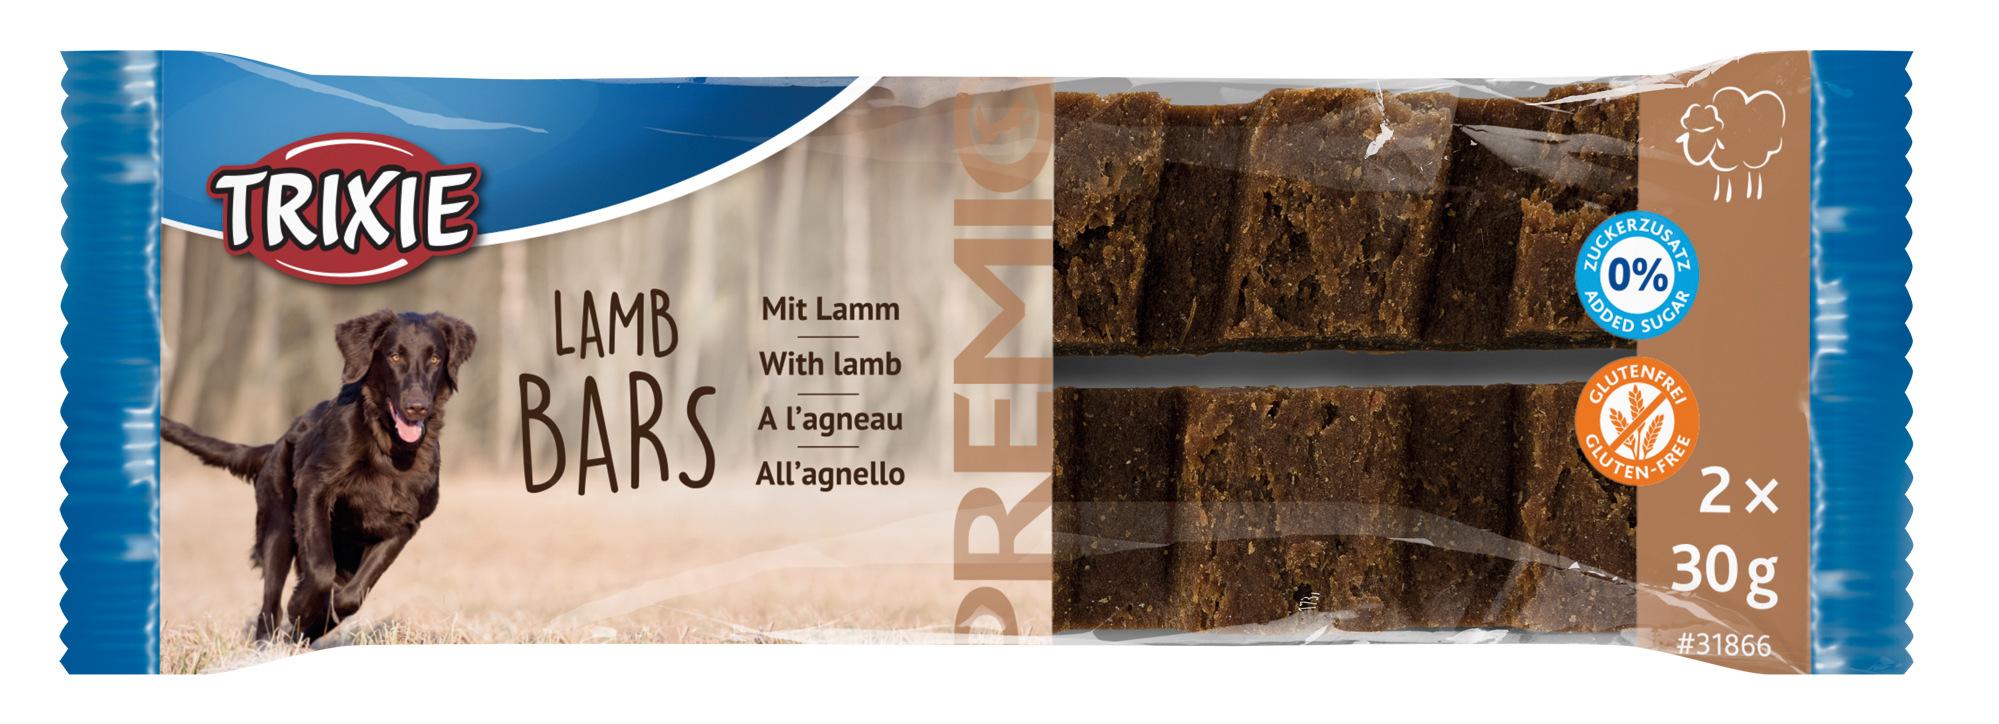 TRIXIE PREMIO Lamb Bars, 2 × 30 g